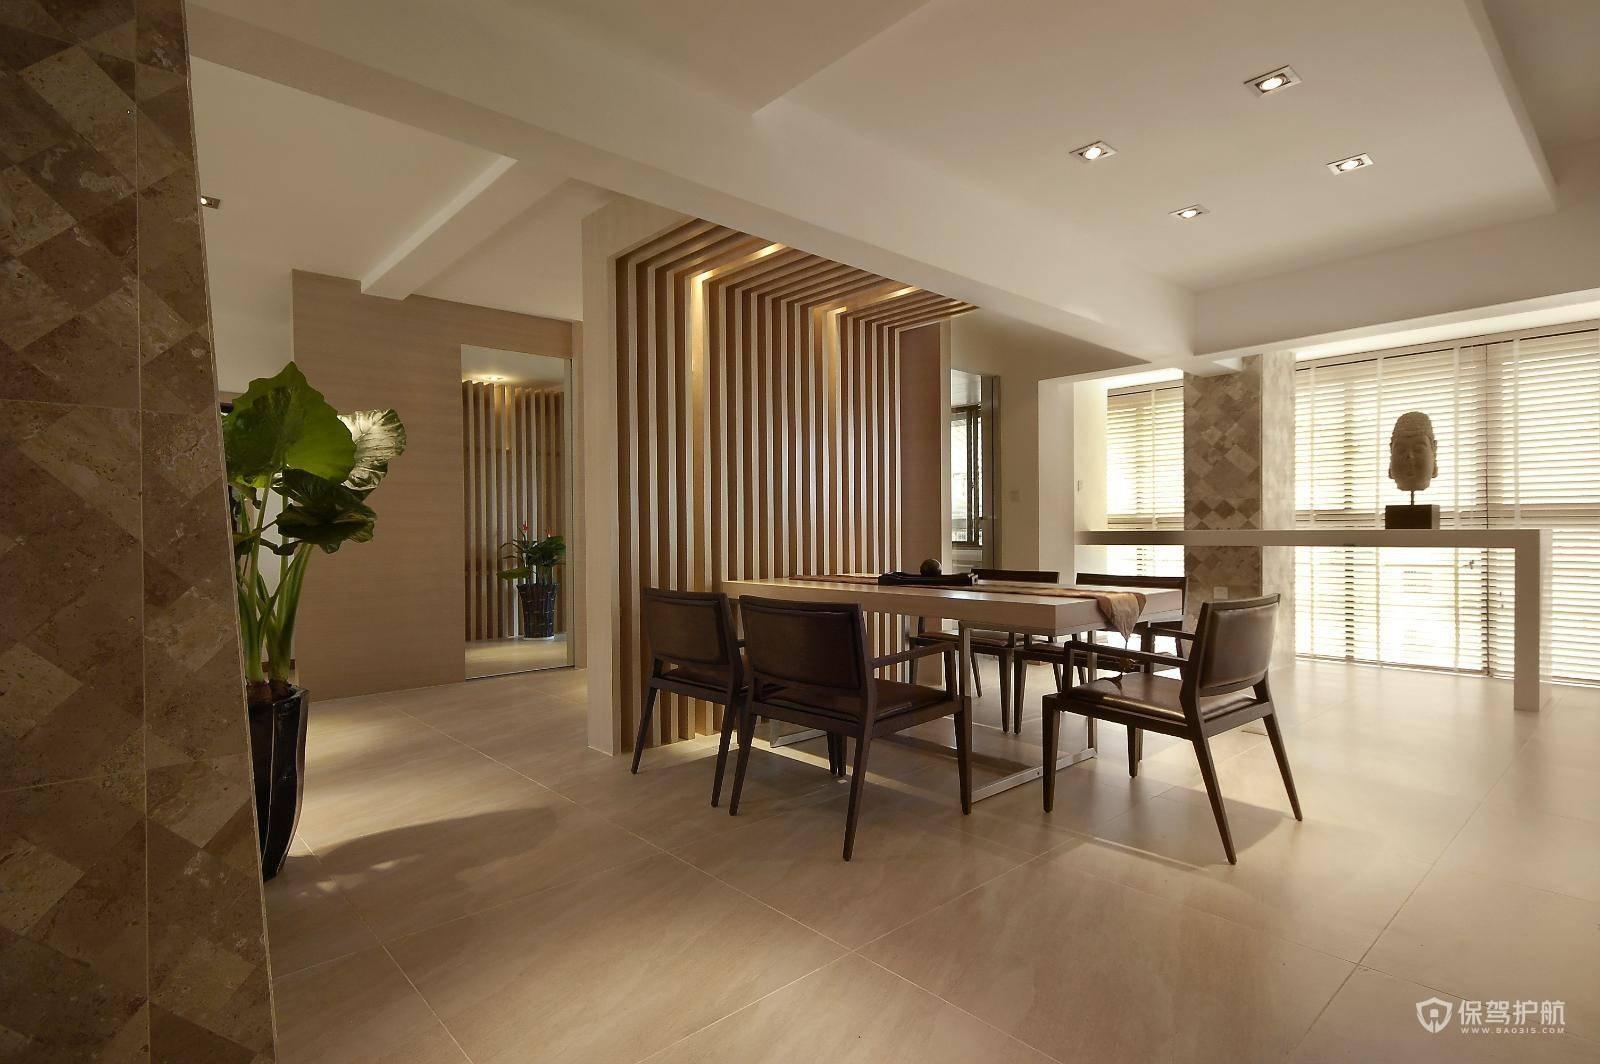 簡約東南亞風格三居室餐廳裝修效果圖…